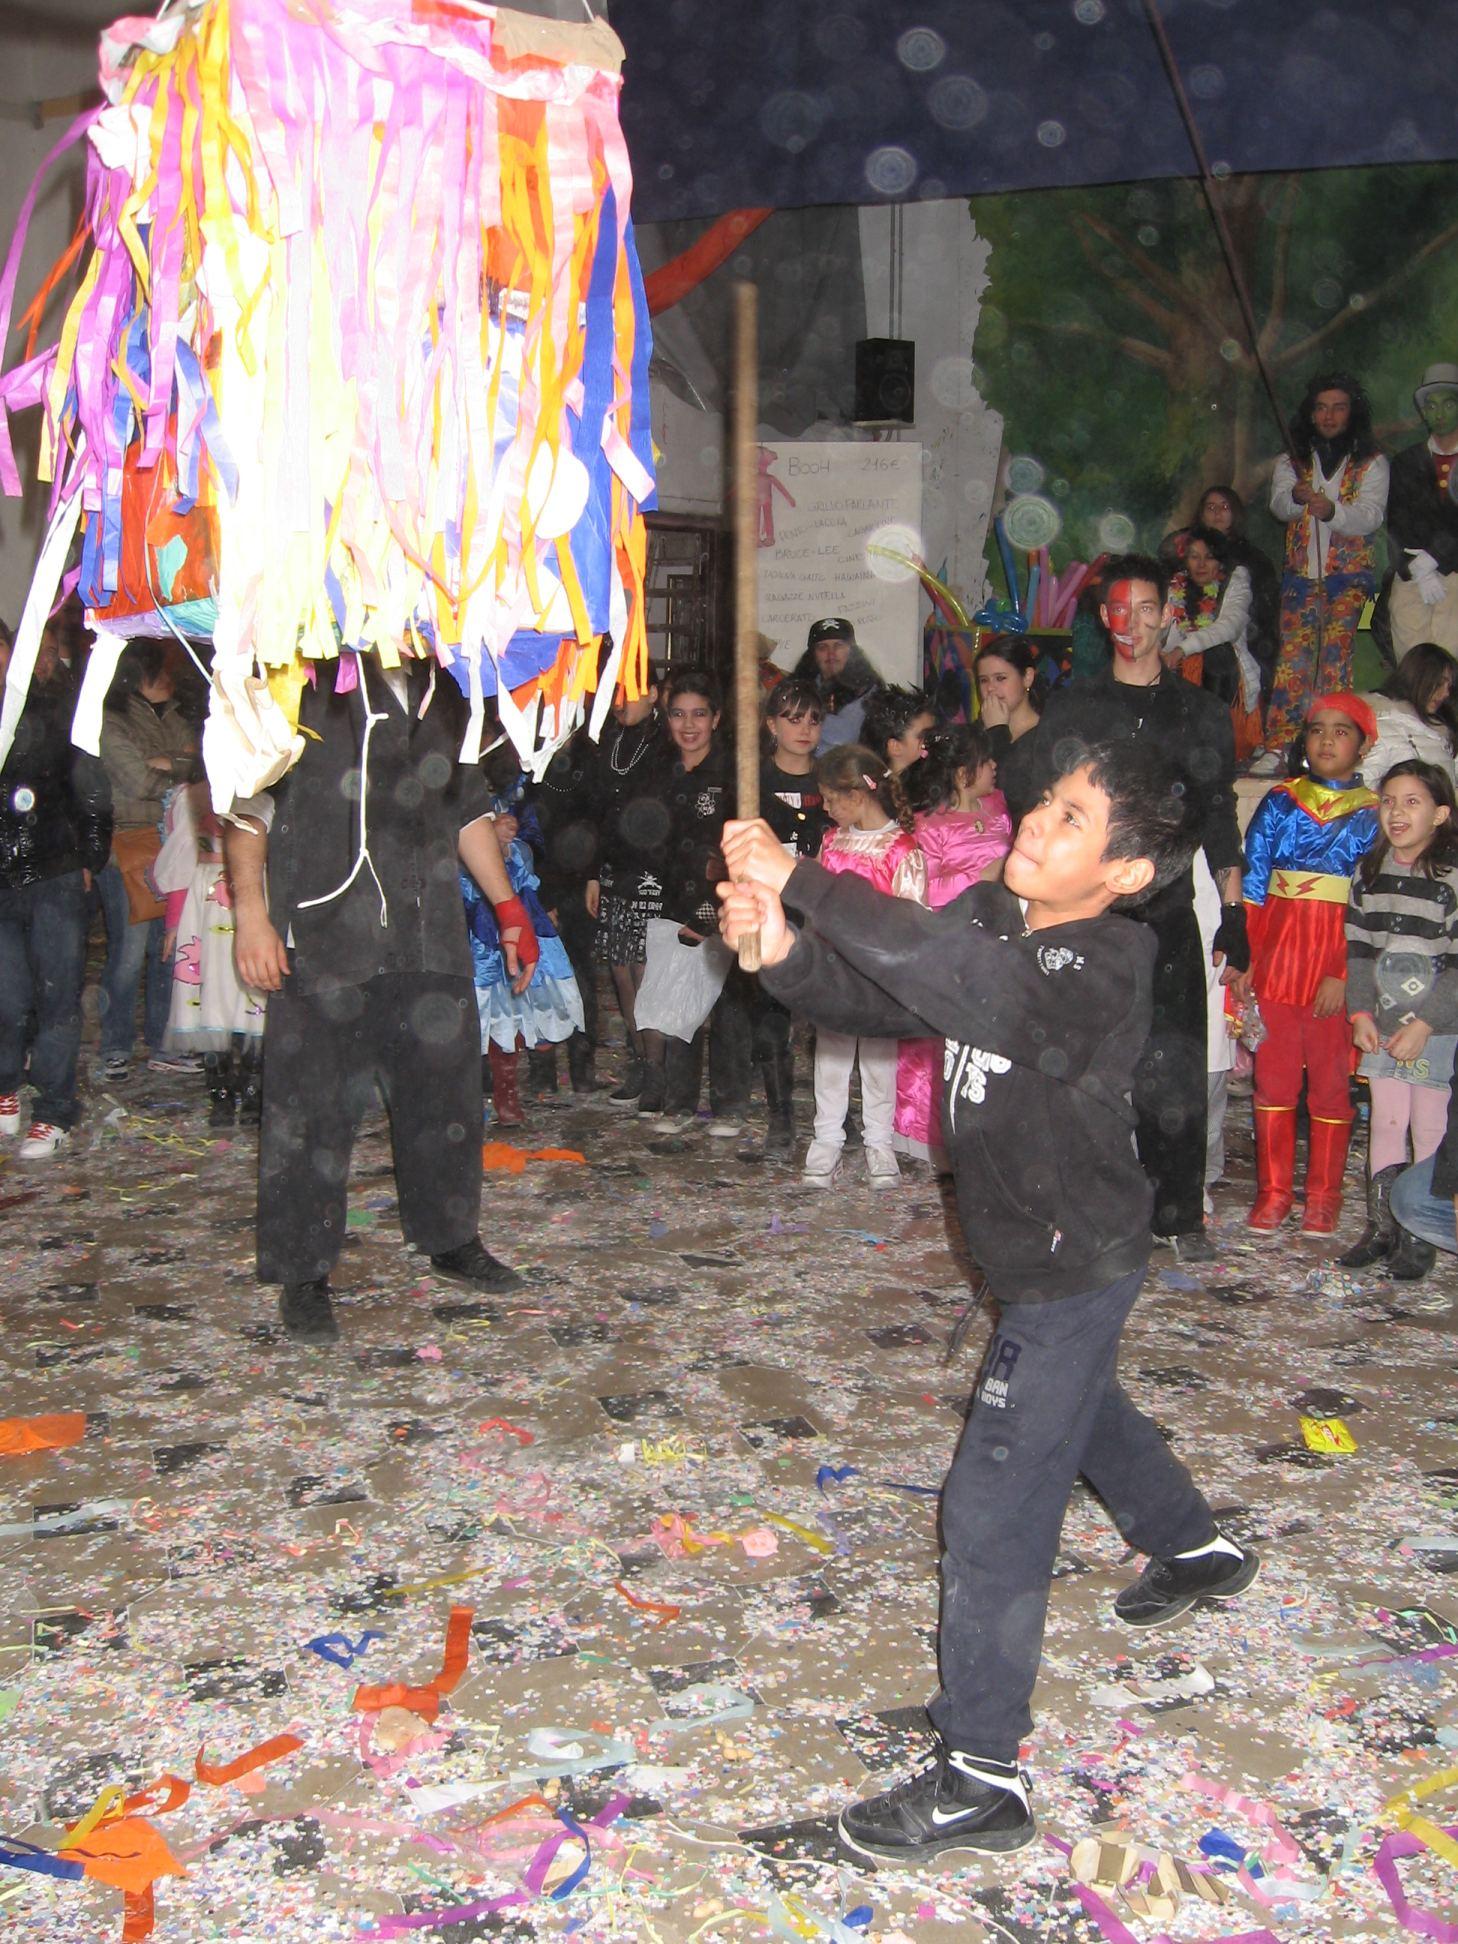 Pentolaccia-2010-02-14--17.52.47